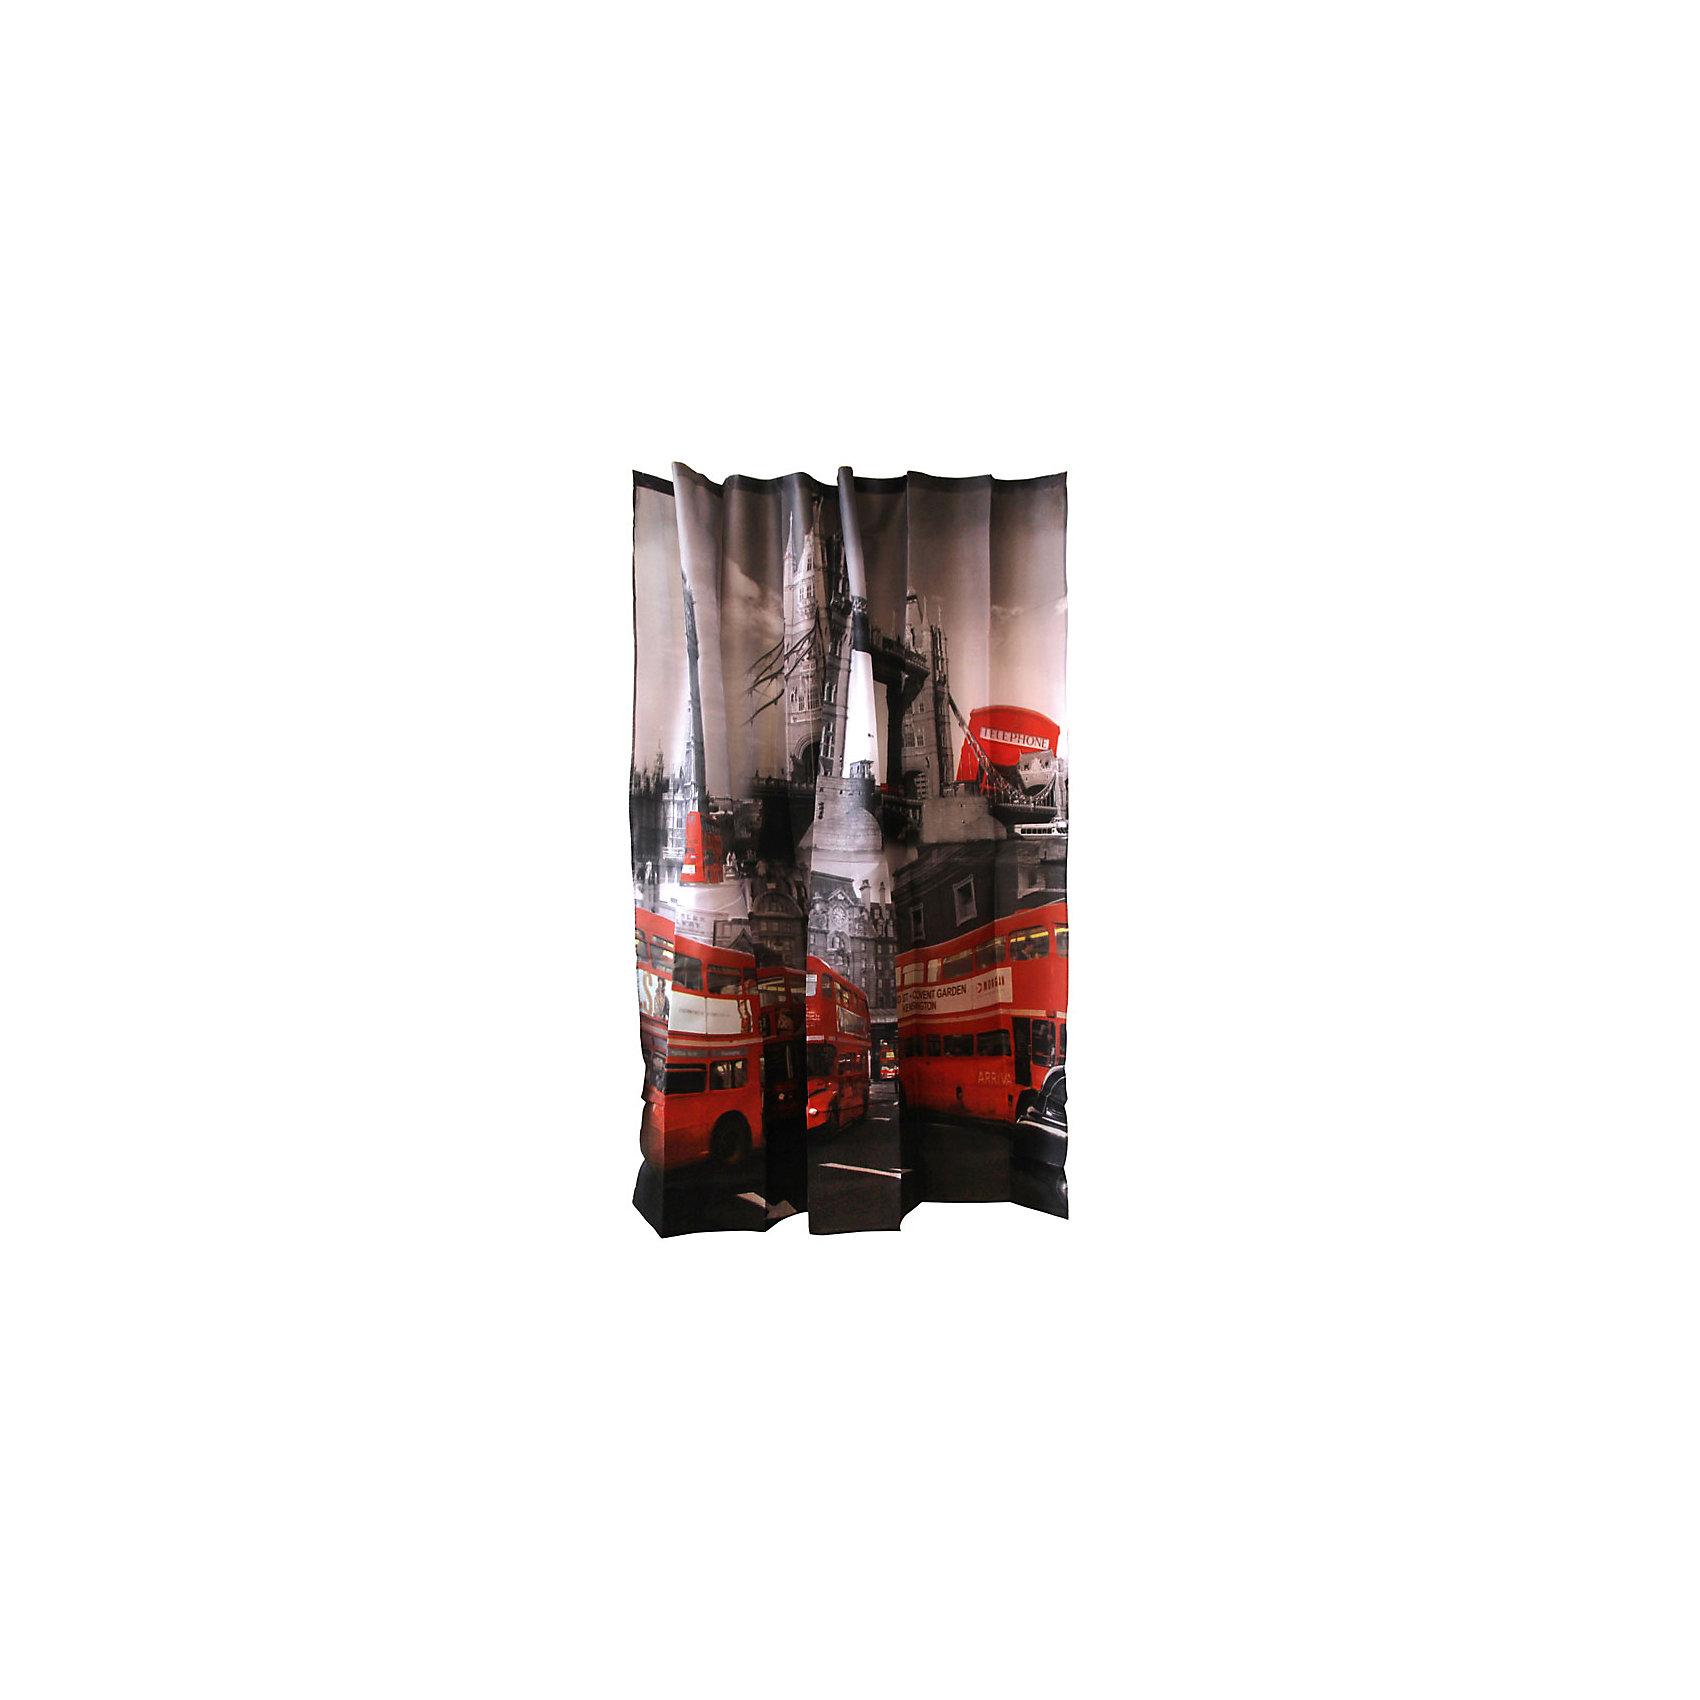 Занавеска для ванной Curtain-Bus Лондонский автобус, 180*180см, Рыжий КотВанная комната<br>Занавеска для ванной защищает от разбрызгивания пол, стены и зеркала в ванной комнате. Занавеска с печатным рисунком подвешивается на пластиковые кольца, которые входят в комплект набора «Рыжий кот» в количестве 12 штук. <br><br>Дополнительная информация:<br><br>Размер: 180х180 см<br>Материал: 100% полиэстер с водоотталкивающим покрытием<br>Упаковка: ПВХ пакет с крючком<br><br>Занавеску для ванной Curtain-Bus Лондонский автобус, 180*180см, Рыжий Кот можно купить в нашем интернет-магазине.<br><br>Ширина мм: 1795<br>Глубина мм: 1775<br>Высота мм: 30<br>Вес г: 410<br>Возраст от месяцев: 36<br>Возраст до месяцев: 1080<br>Пол: Унисекс<br>Возраст: Детский<br>SKU: 4989829